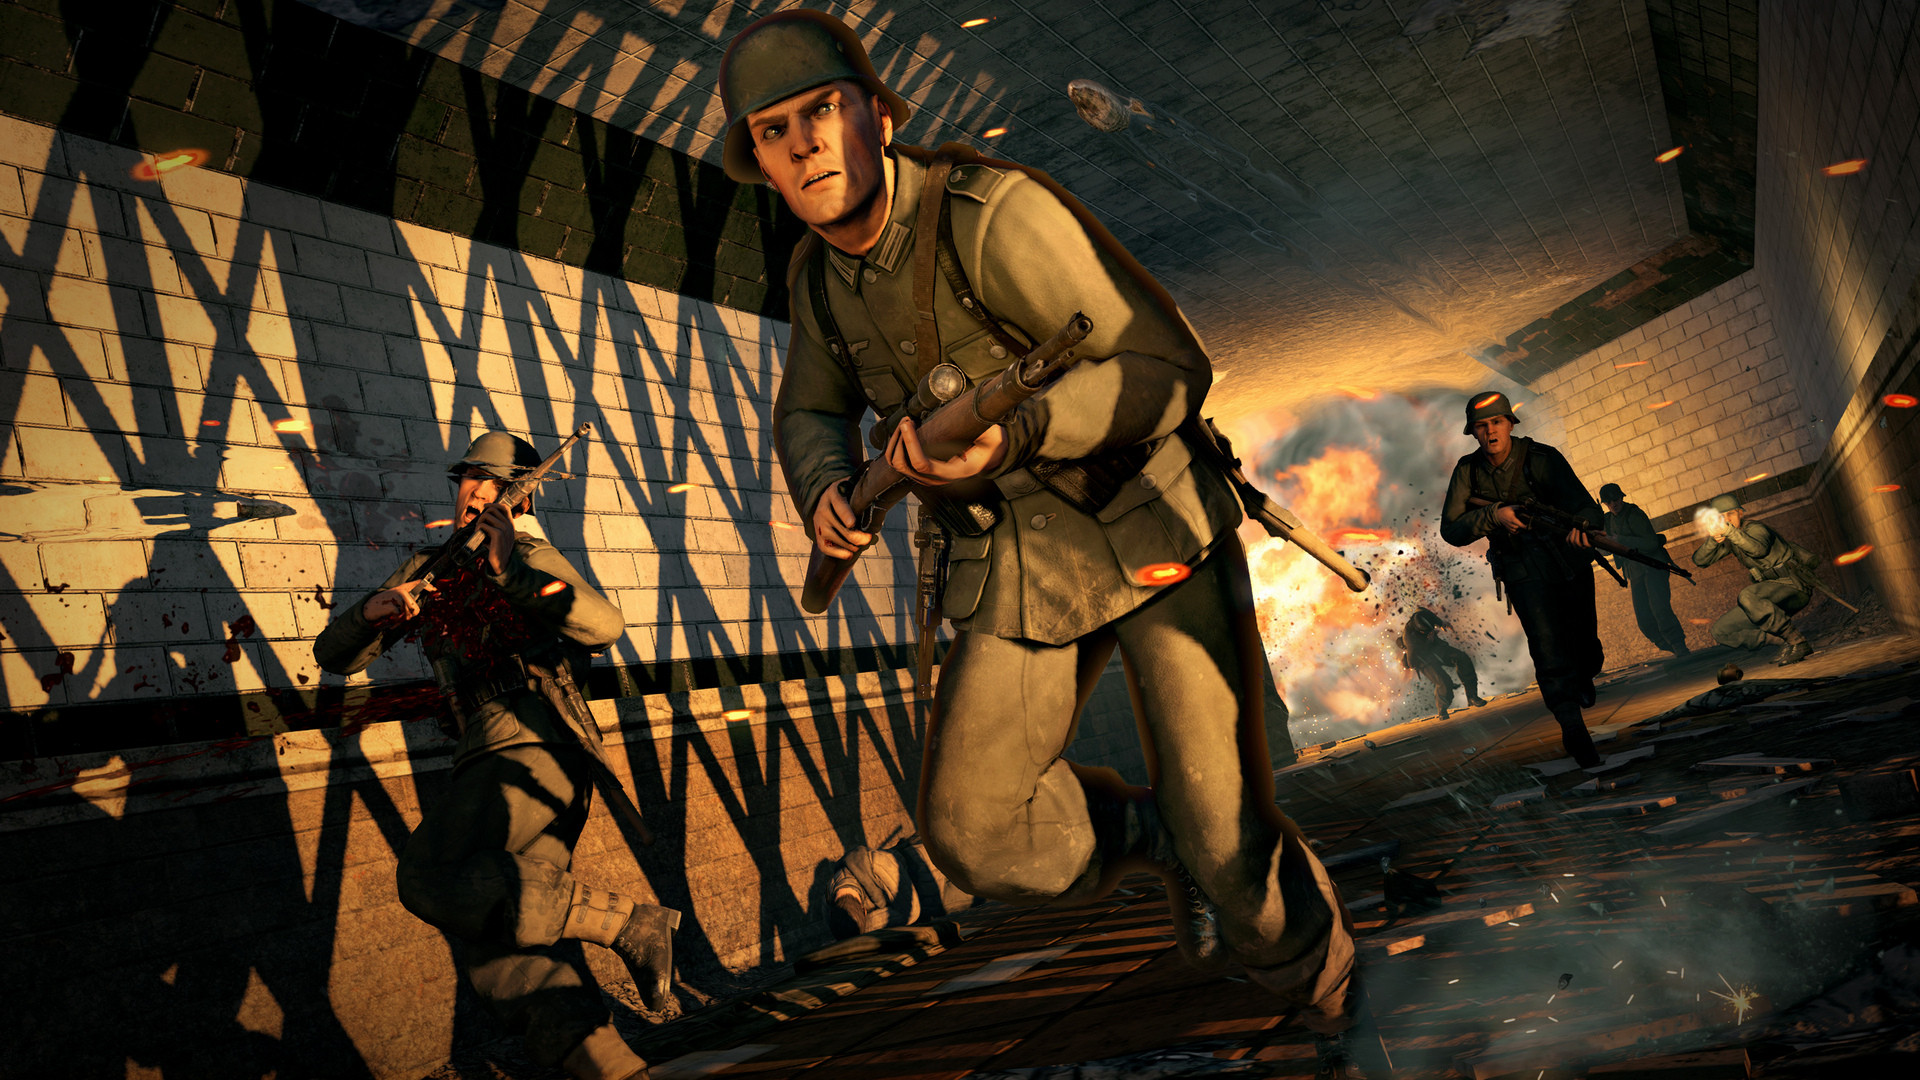 《狙击精英V2重制版》首批截图公布 画质提升不少